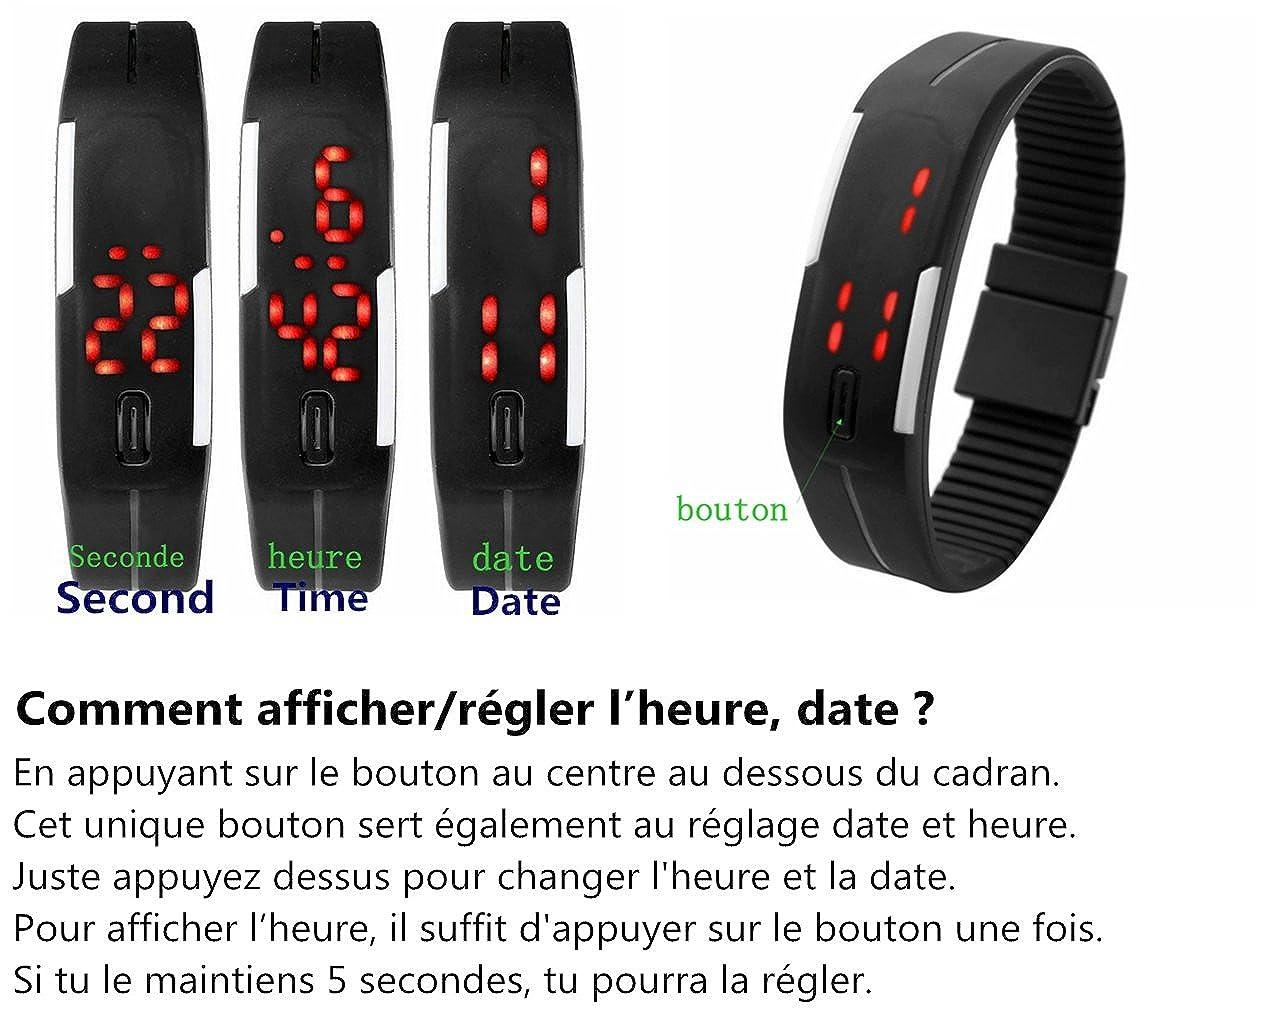 JSDDE Hommes Femmes Caoutchouc Montre LED Date Bracelet Poignet Numérique Montre de Sport: Amazon.fr: Montres